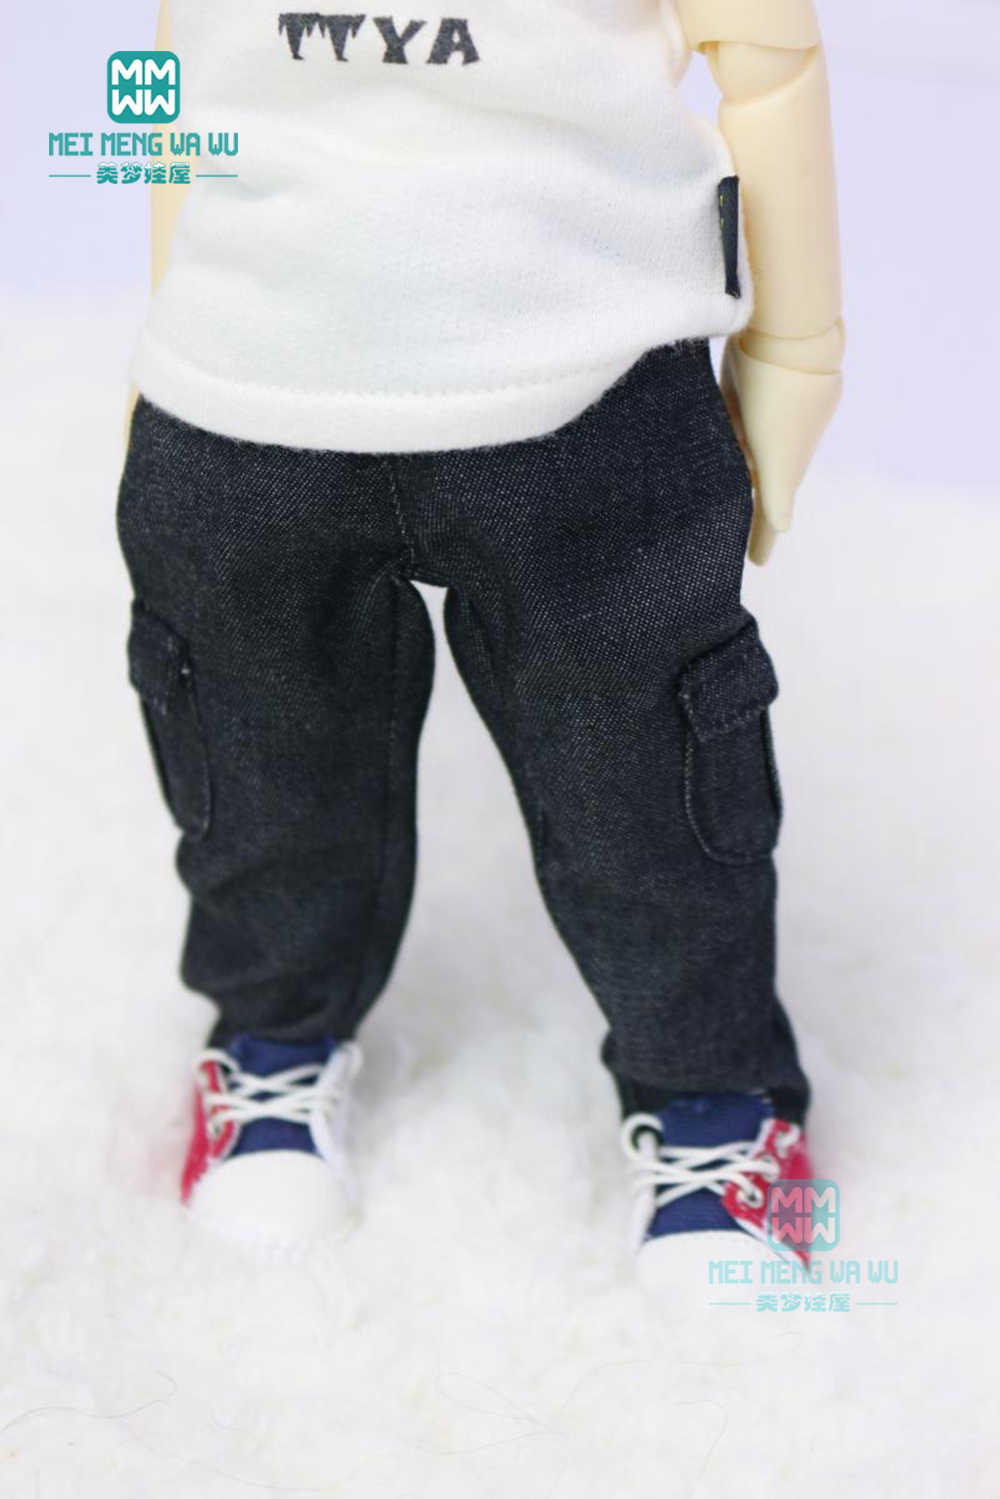 2019 החדש BJD אביזרי אופנה אופנה חולצה, ג 'ינס מכנסיים קצרים, מכנסי קז'ואל עבור 27 cm-30 cm 1/6 BJD YOSD בובת בגדים